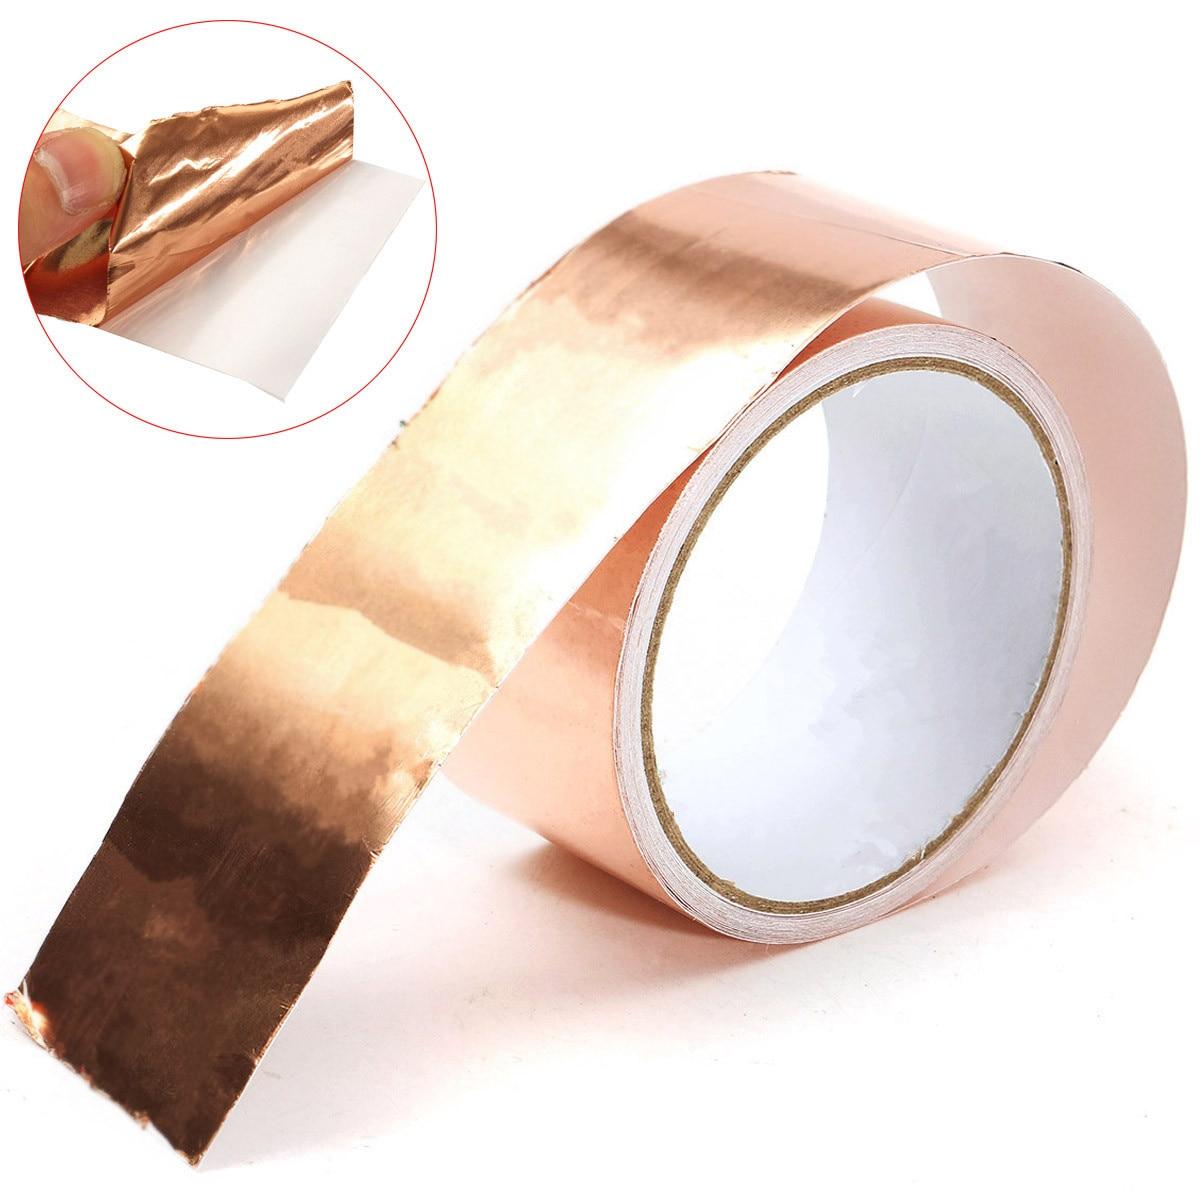 50 мм x 5 м чистый Купер фольга лента EMI односторонняя проводящая фольга клейкая лента EMI Экранирование тепло сопротивление ленты